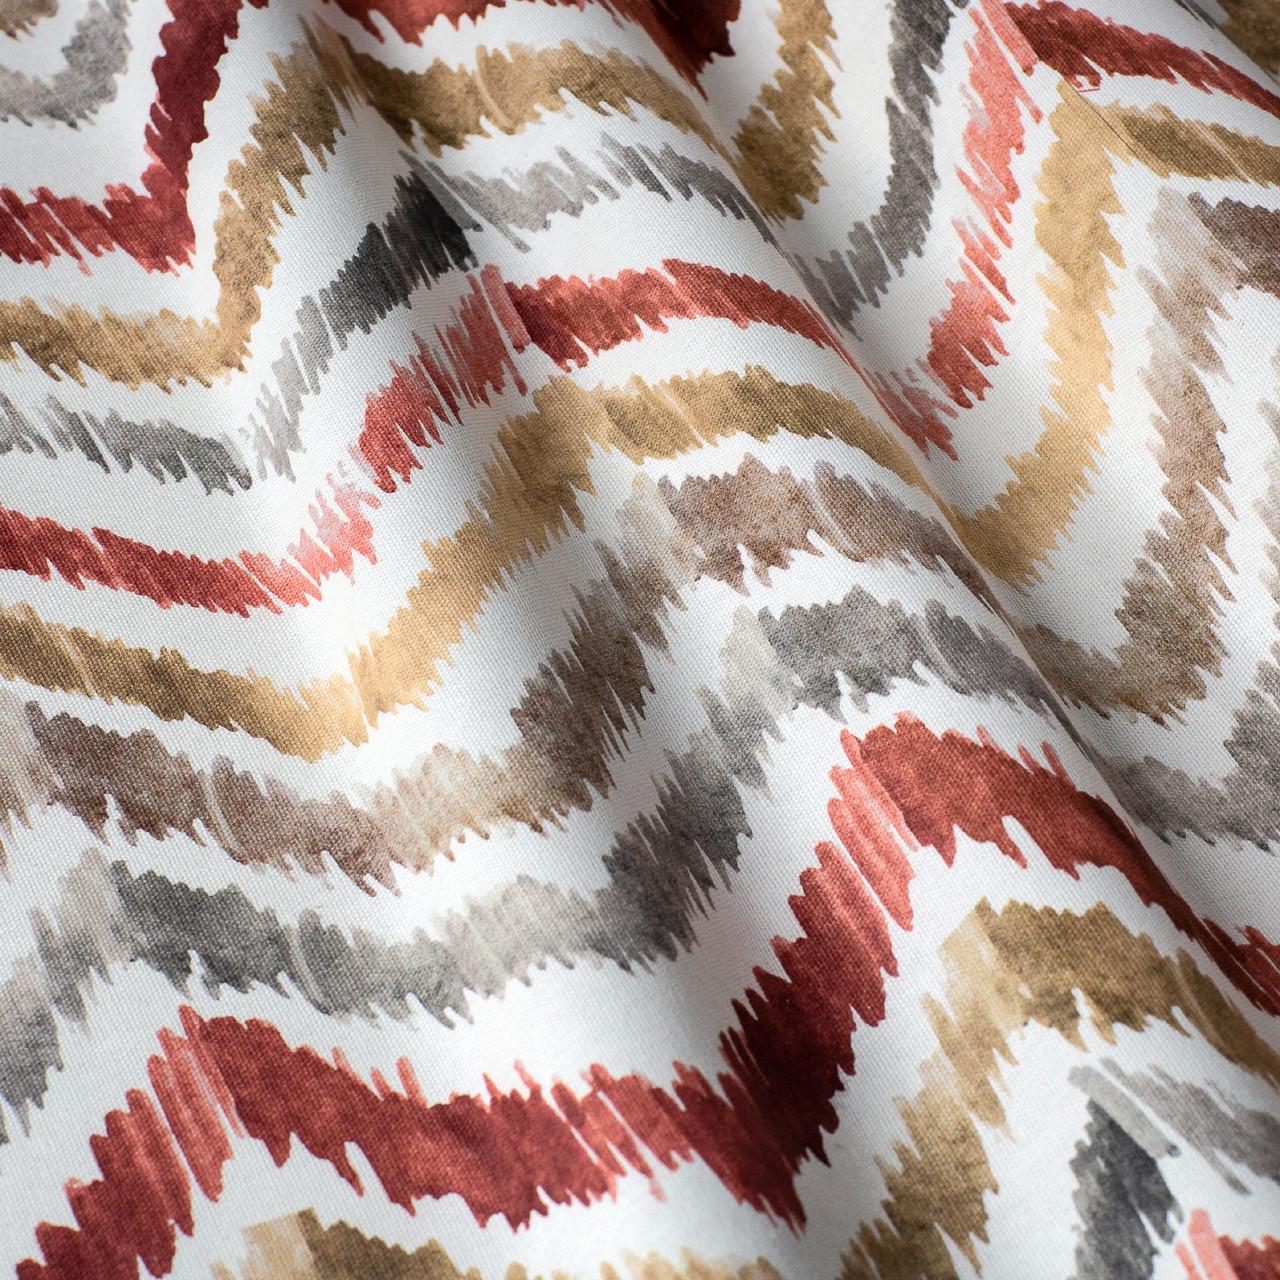 Ткань для штор, подушек, покрывал натуральная хлопковая с разноцветными загзагами 84305v1